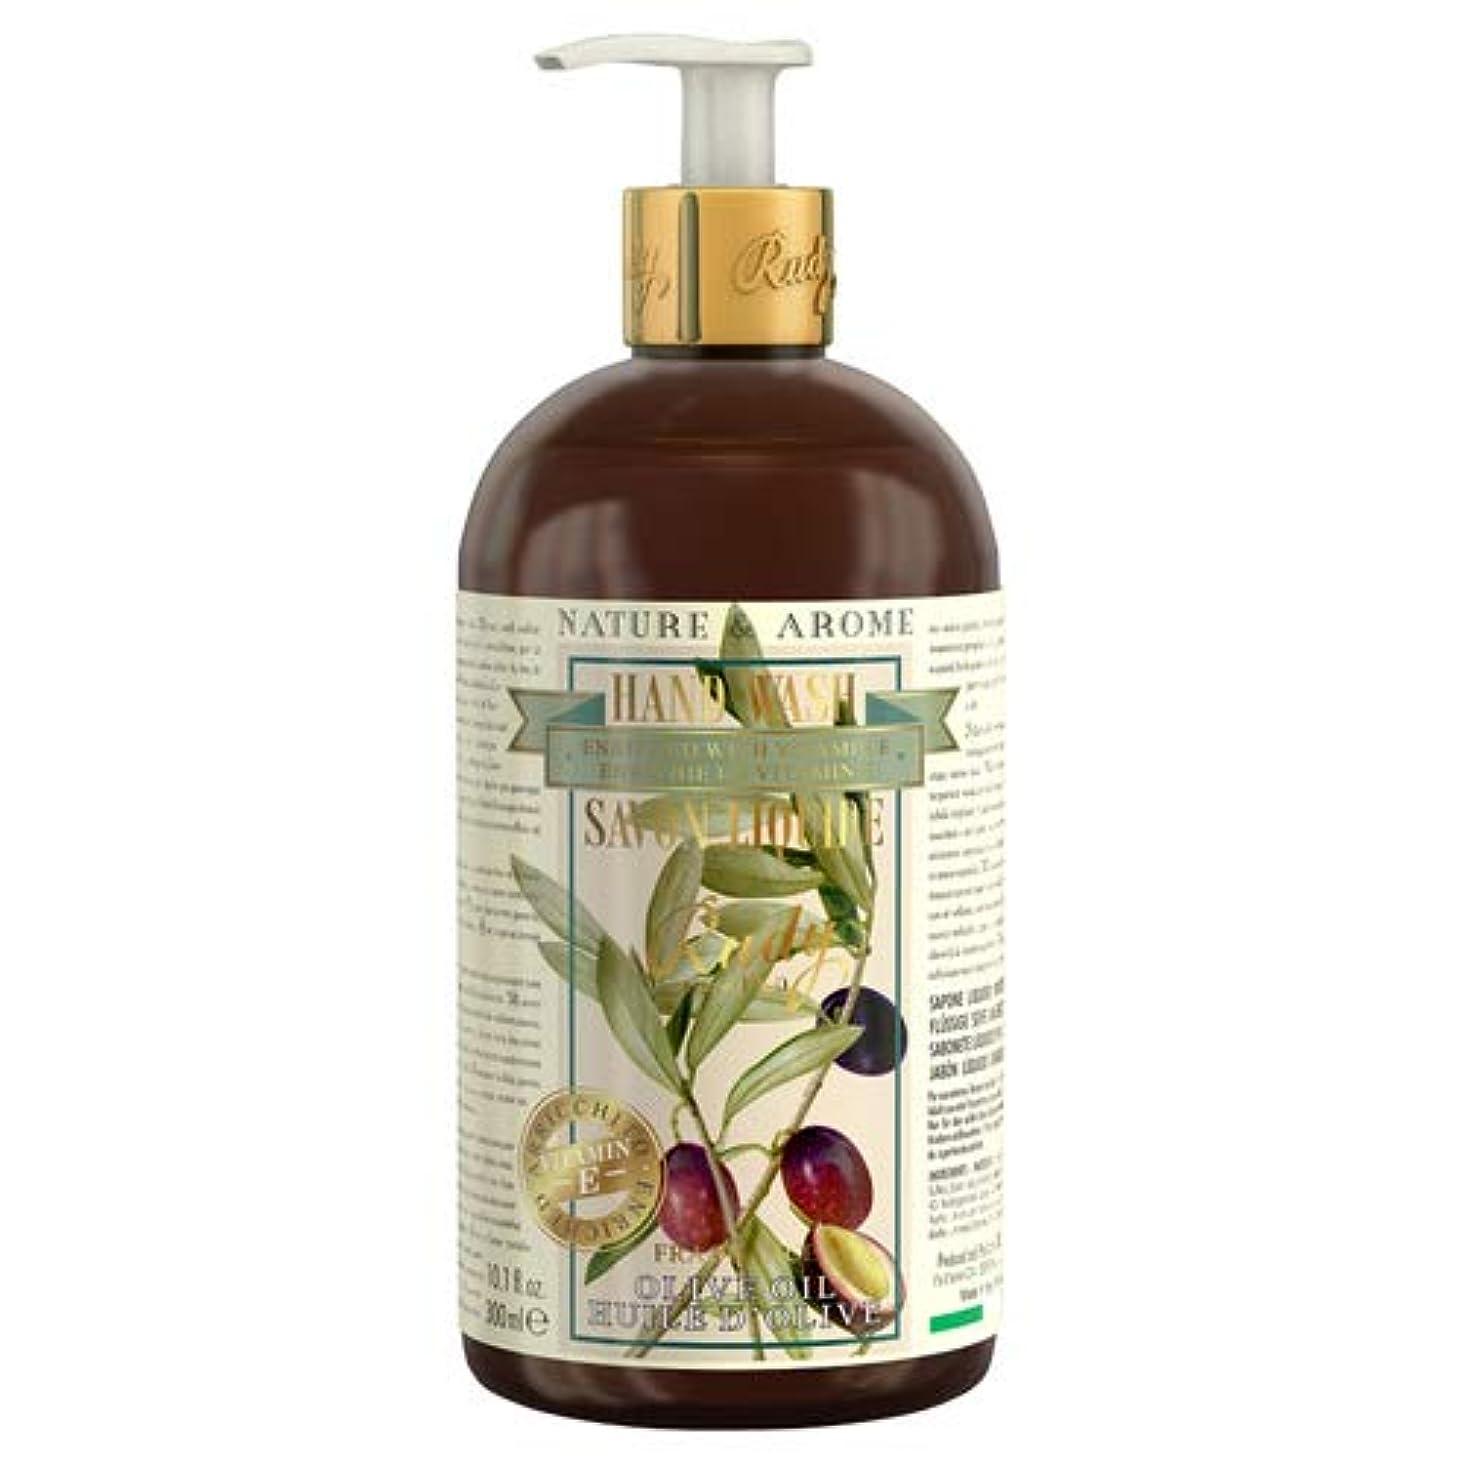 残り物ダブルペックRUDY Nature&Arome Apothecary ネイチャーアロマ アポセカリー Hand Wash ハンドウォッシュ(ボディソープ) Olive Oil オリーブオイル